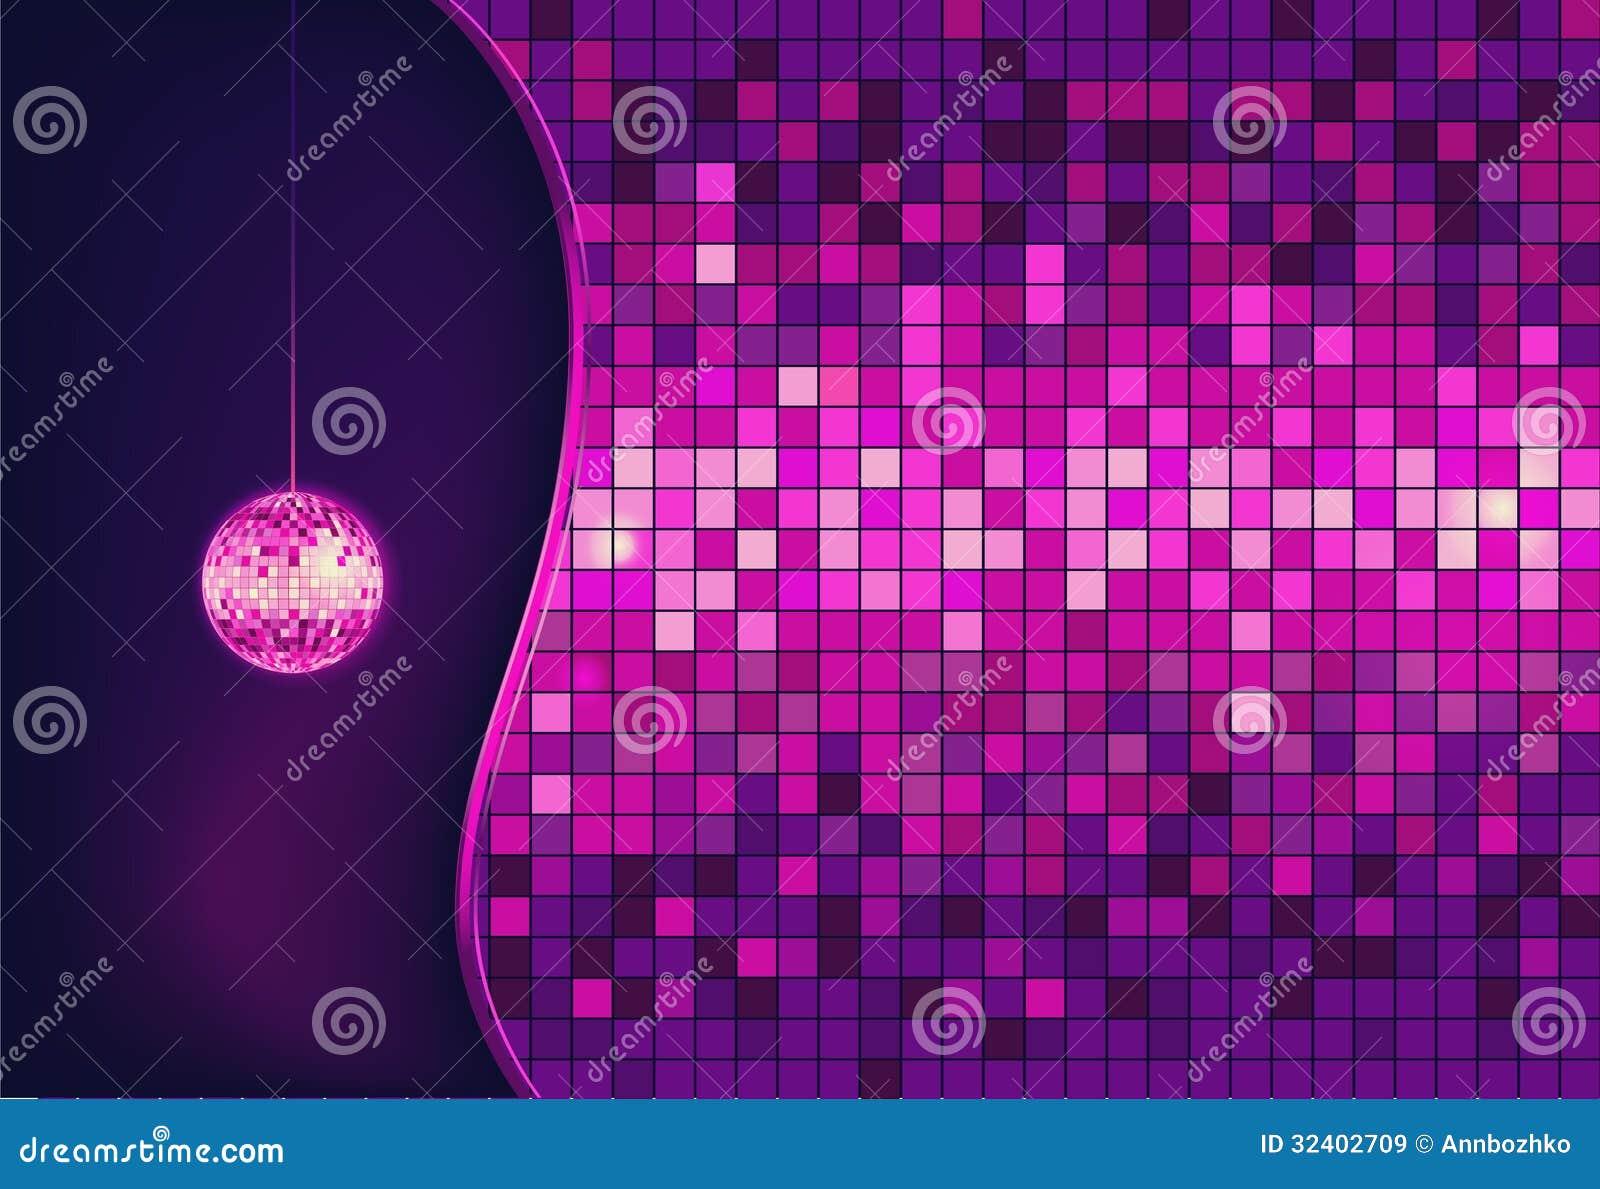 Bola de discoteca fondo del disco ilustraci n del vector - Bola de discoteca de colores ...